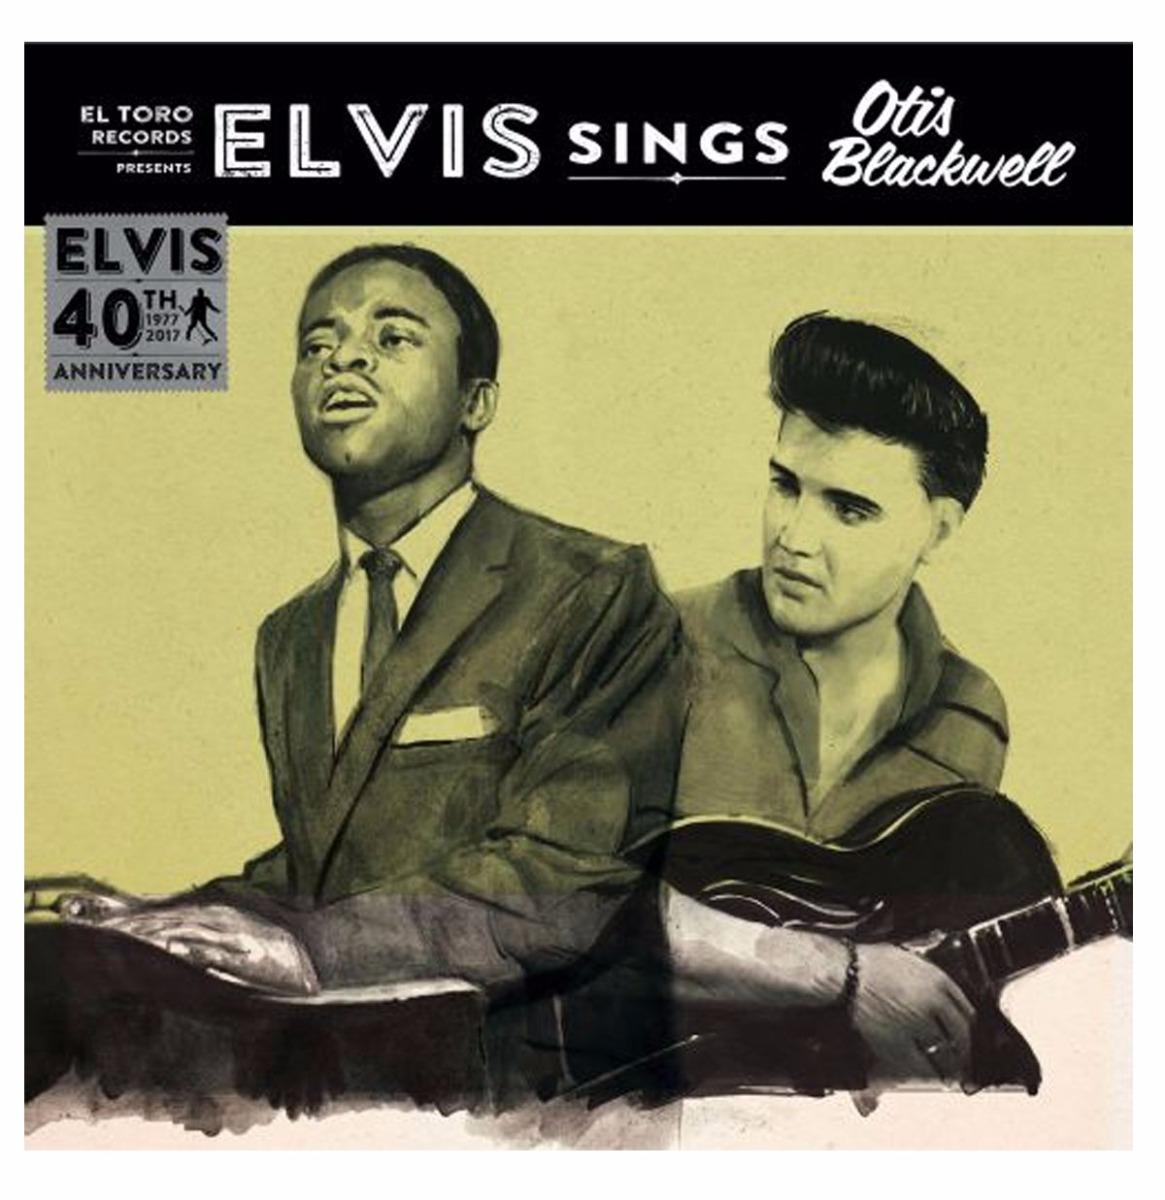 Elvis Presley Sings Otis Blackwell EP